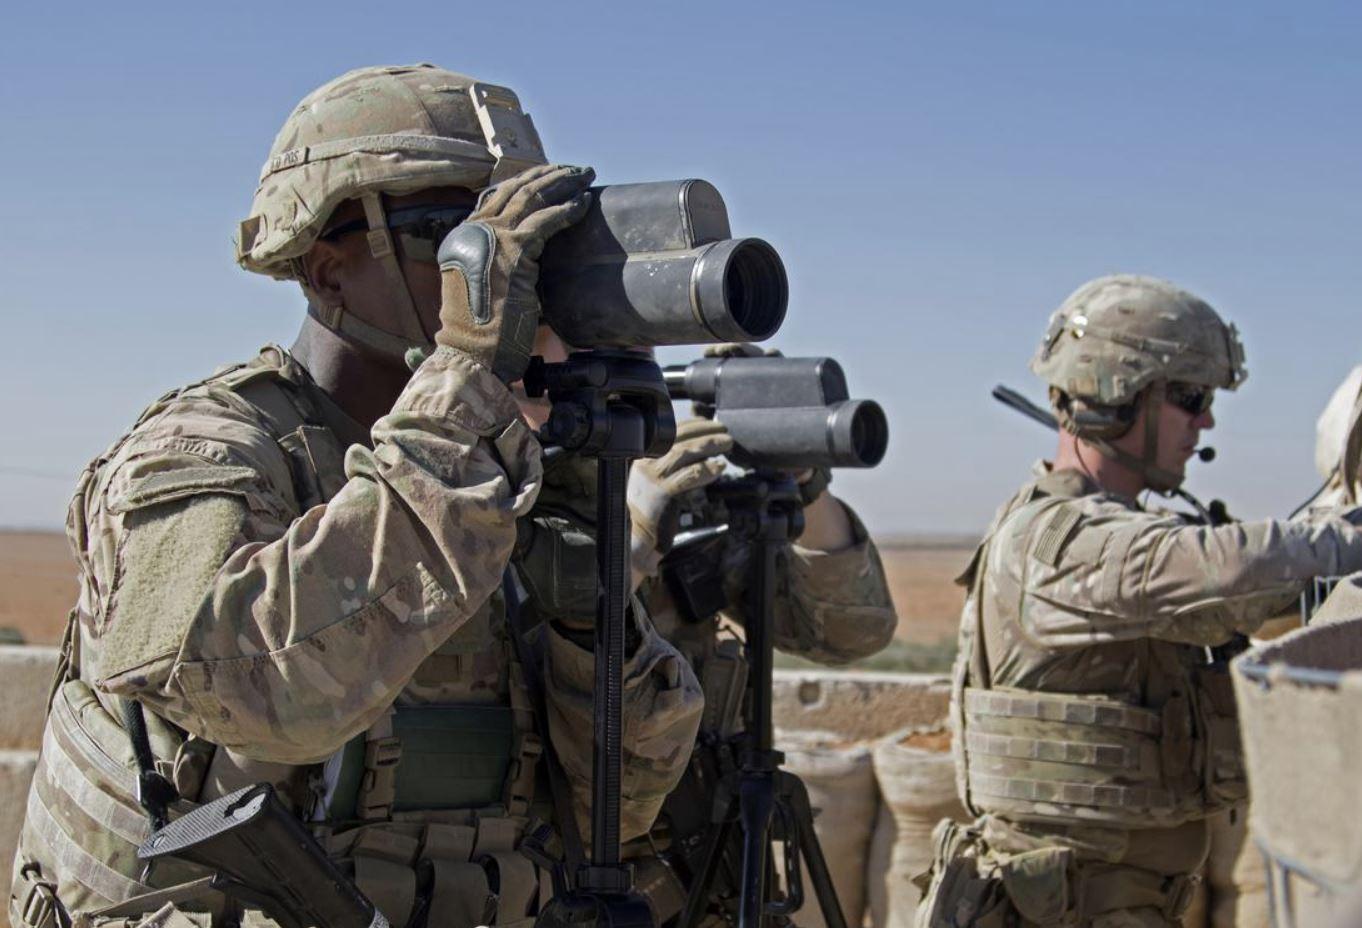 """L'esercito USA sta sviluppando uno stabilizzatore """"gimbal"""" per i fucili"""